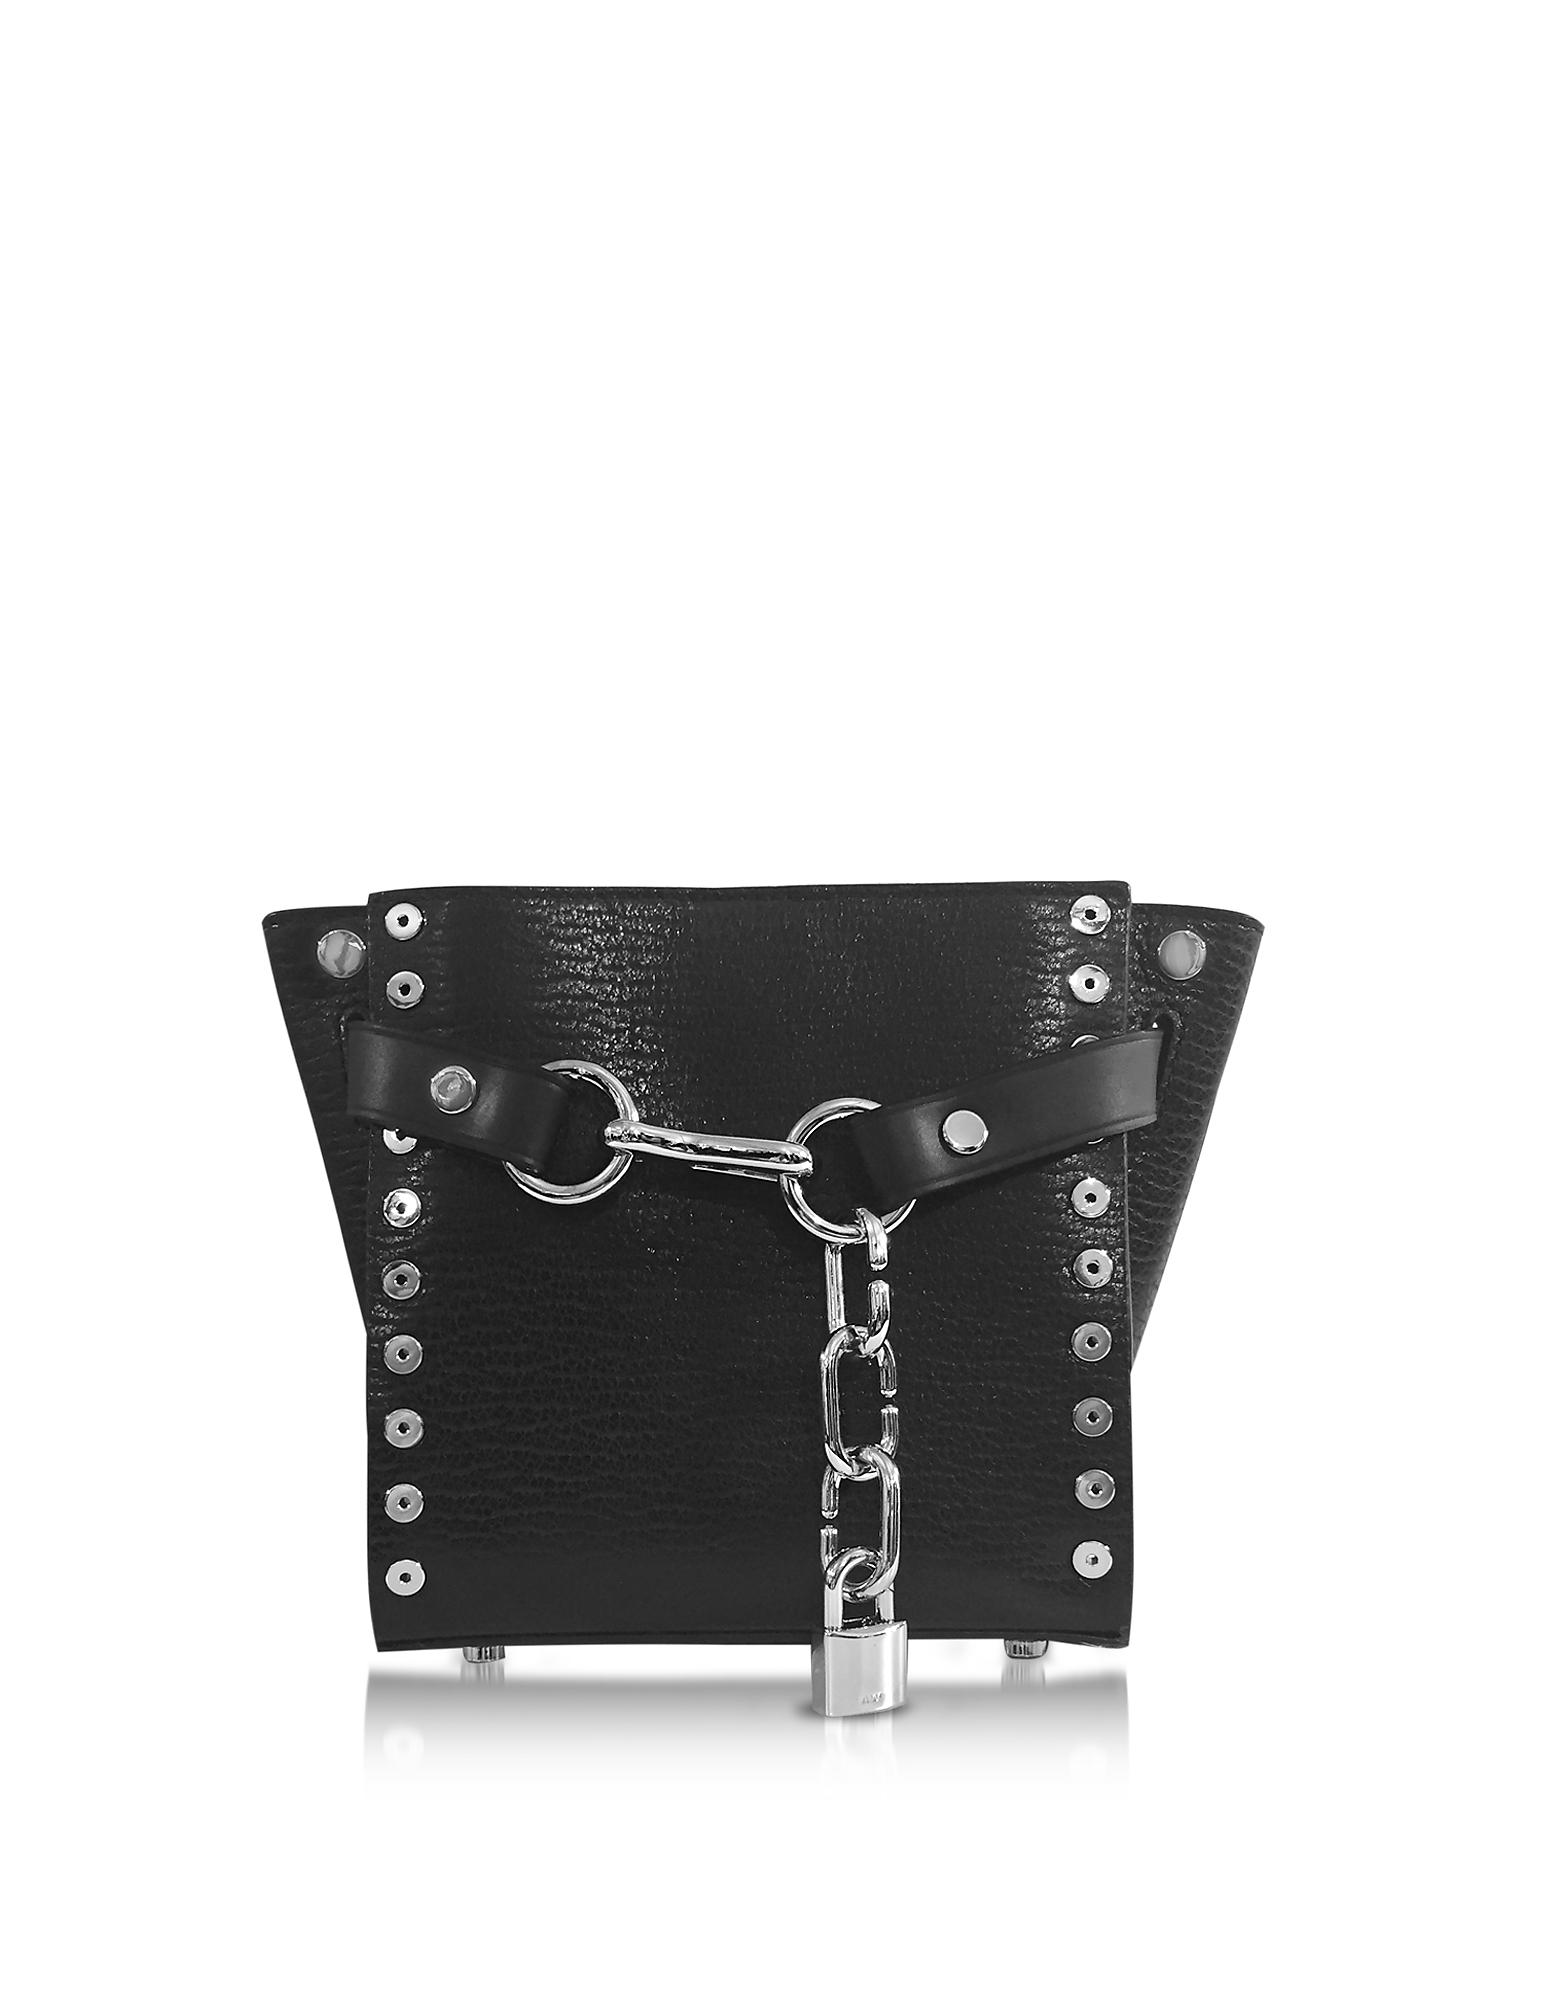 Attica Chain Black Leather Mini Satchel